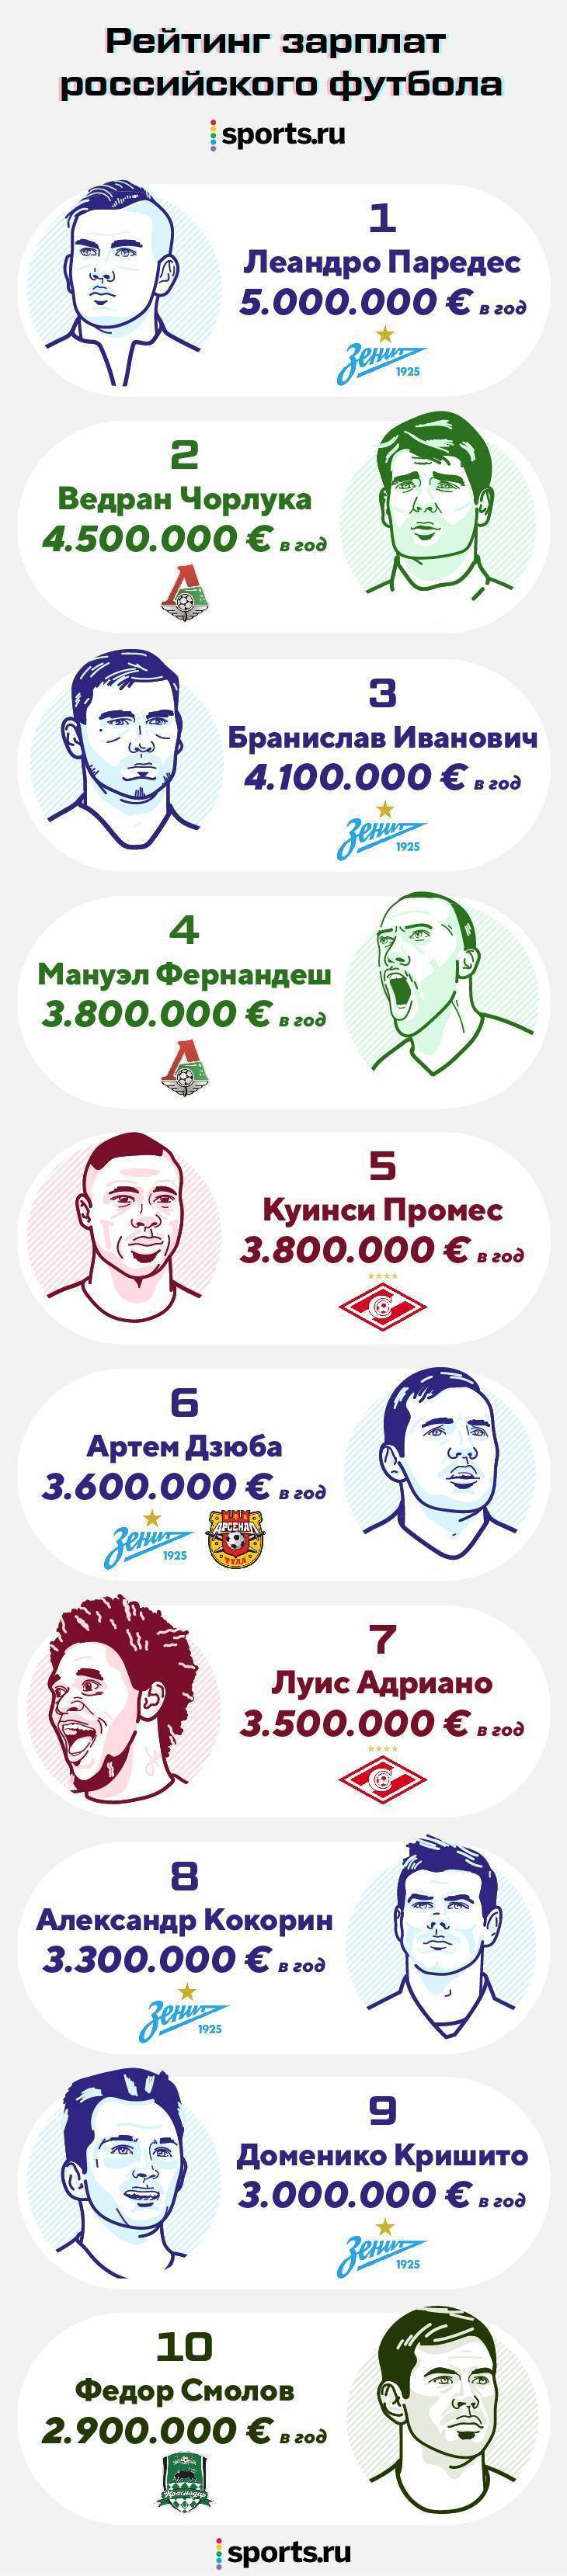 Топ 10 самых высокооплачиваемых футболистов в мире и россии — рейтинги